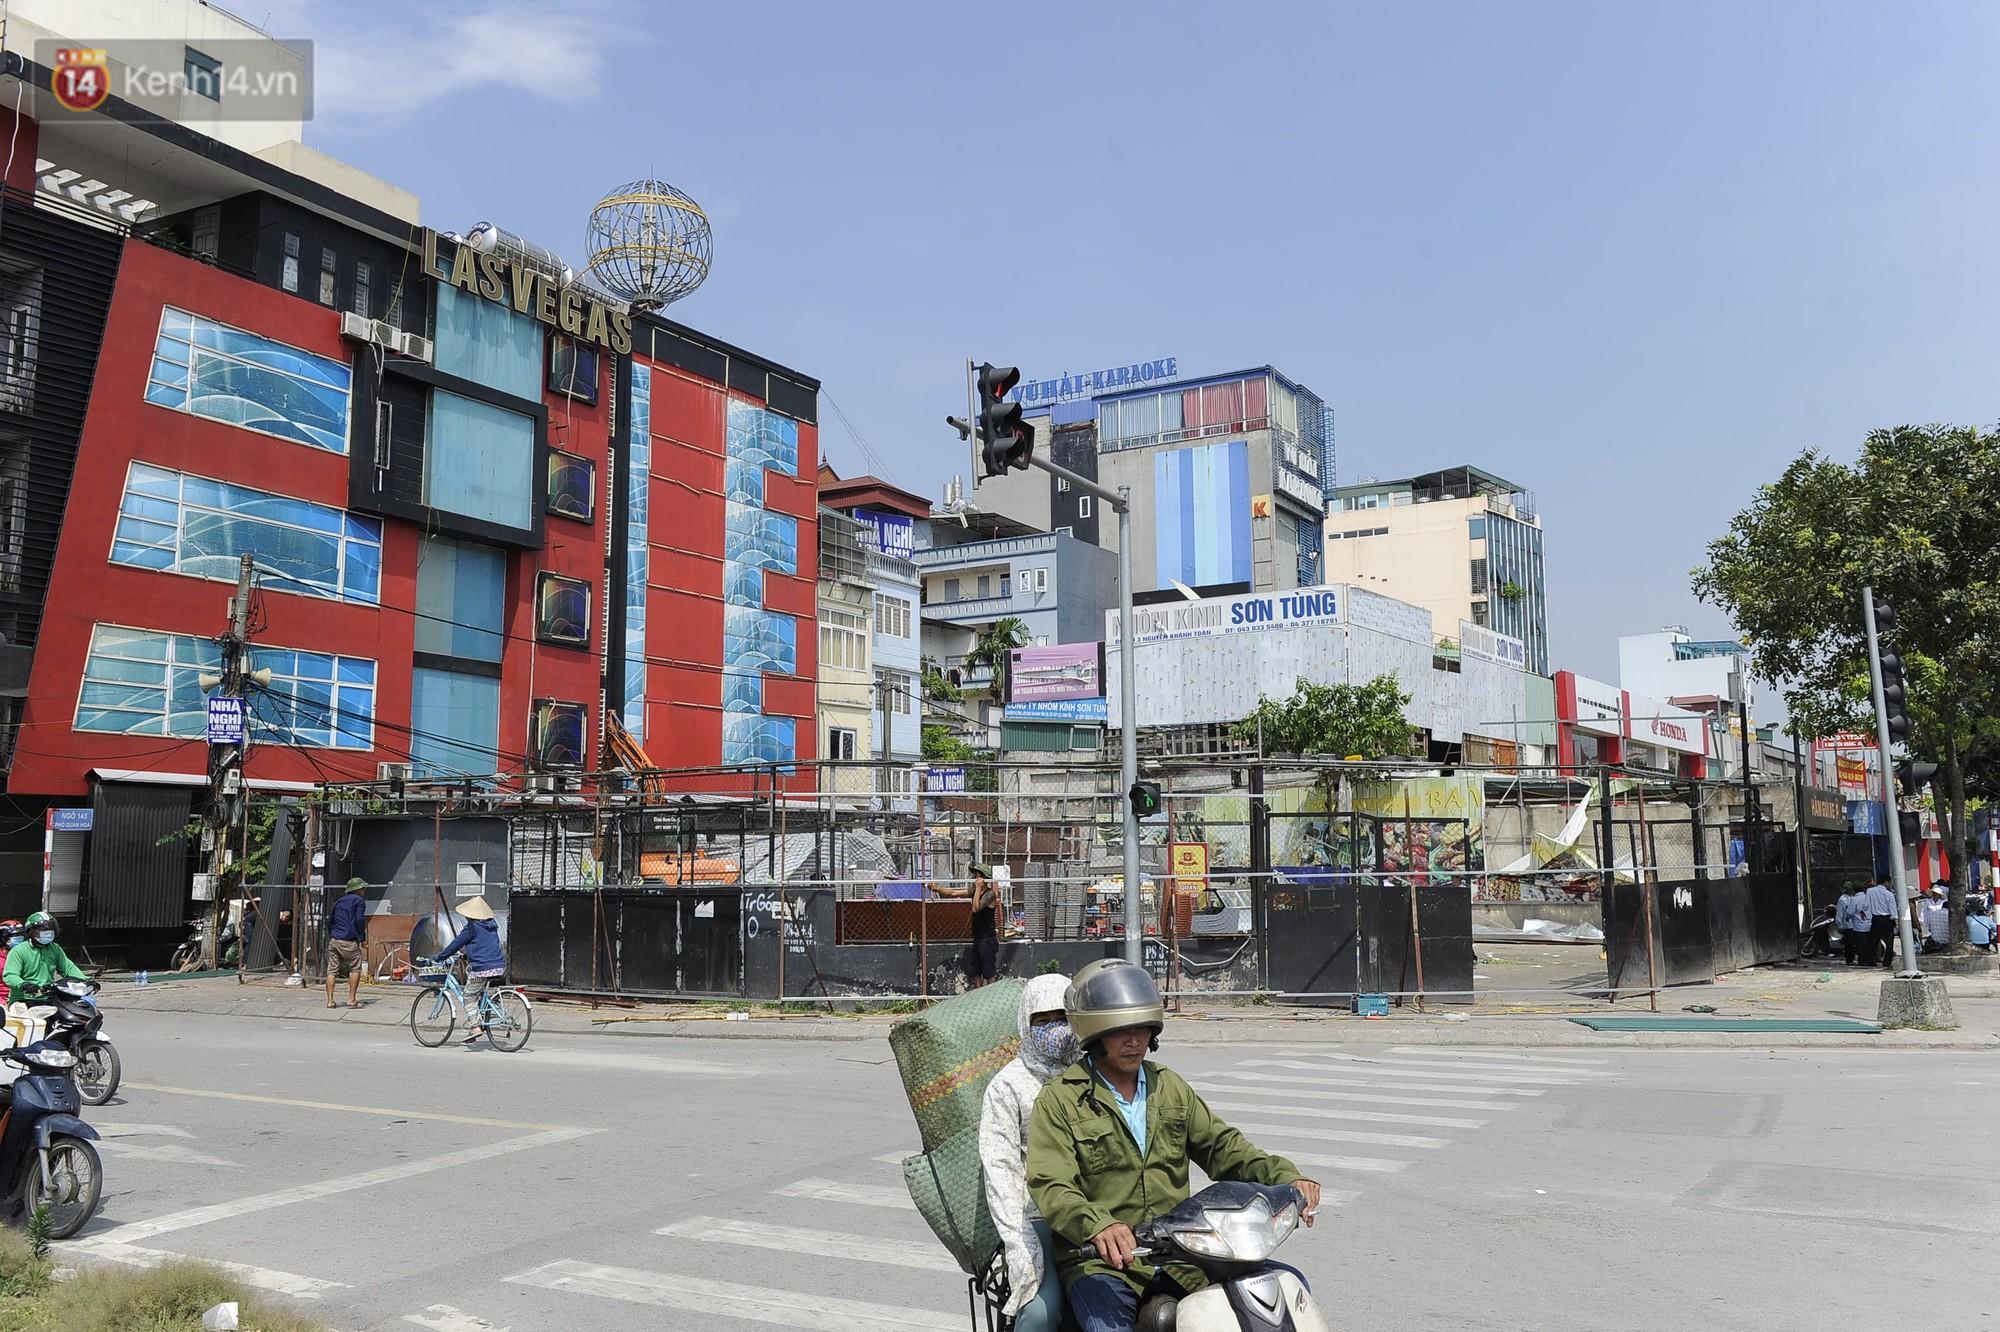 Hà Nội bắt đầu cưỡng chế 42 cơ sở kinh doanh vi phạm trật tự đô thị trên đất vàng Nguyễn Khánh Toàn - Ảnh 1.